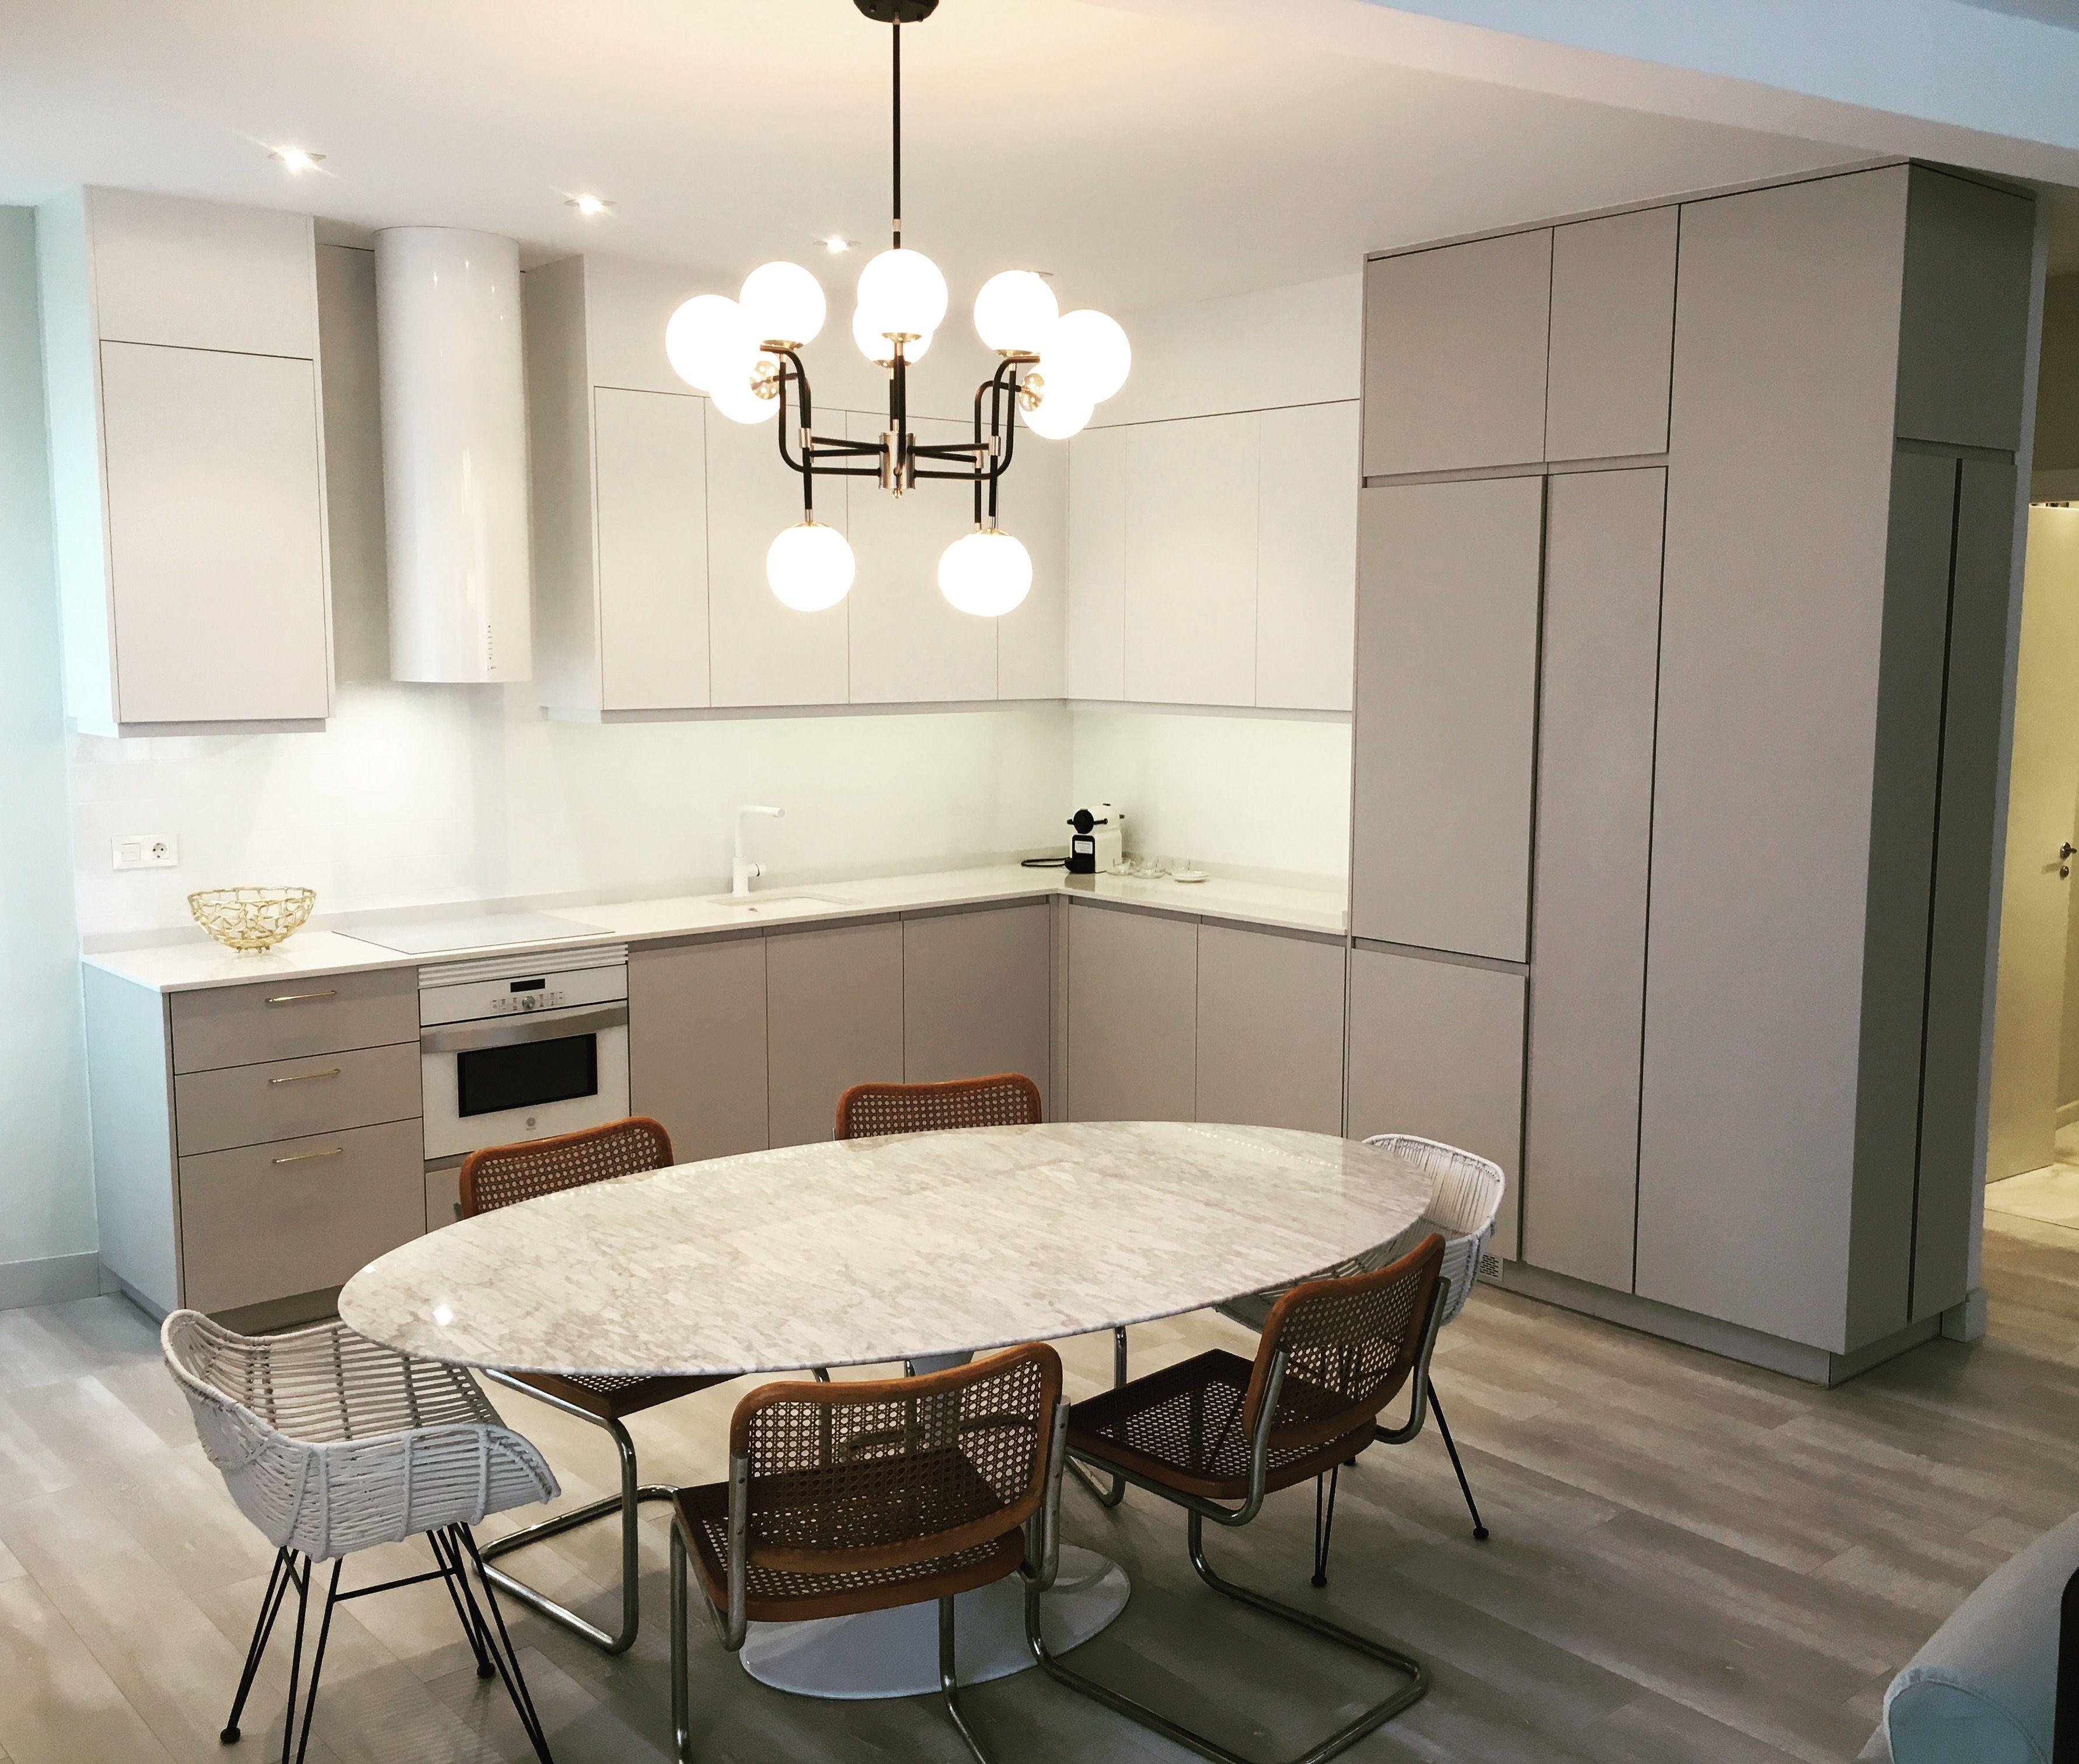 Cocina blanca y gris en un Loft de Madrid. Muebles en laminado ...